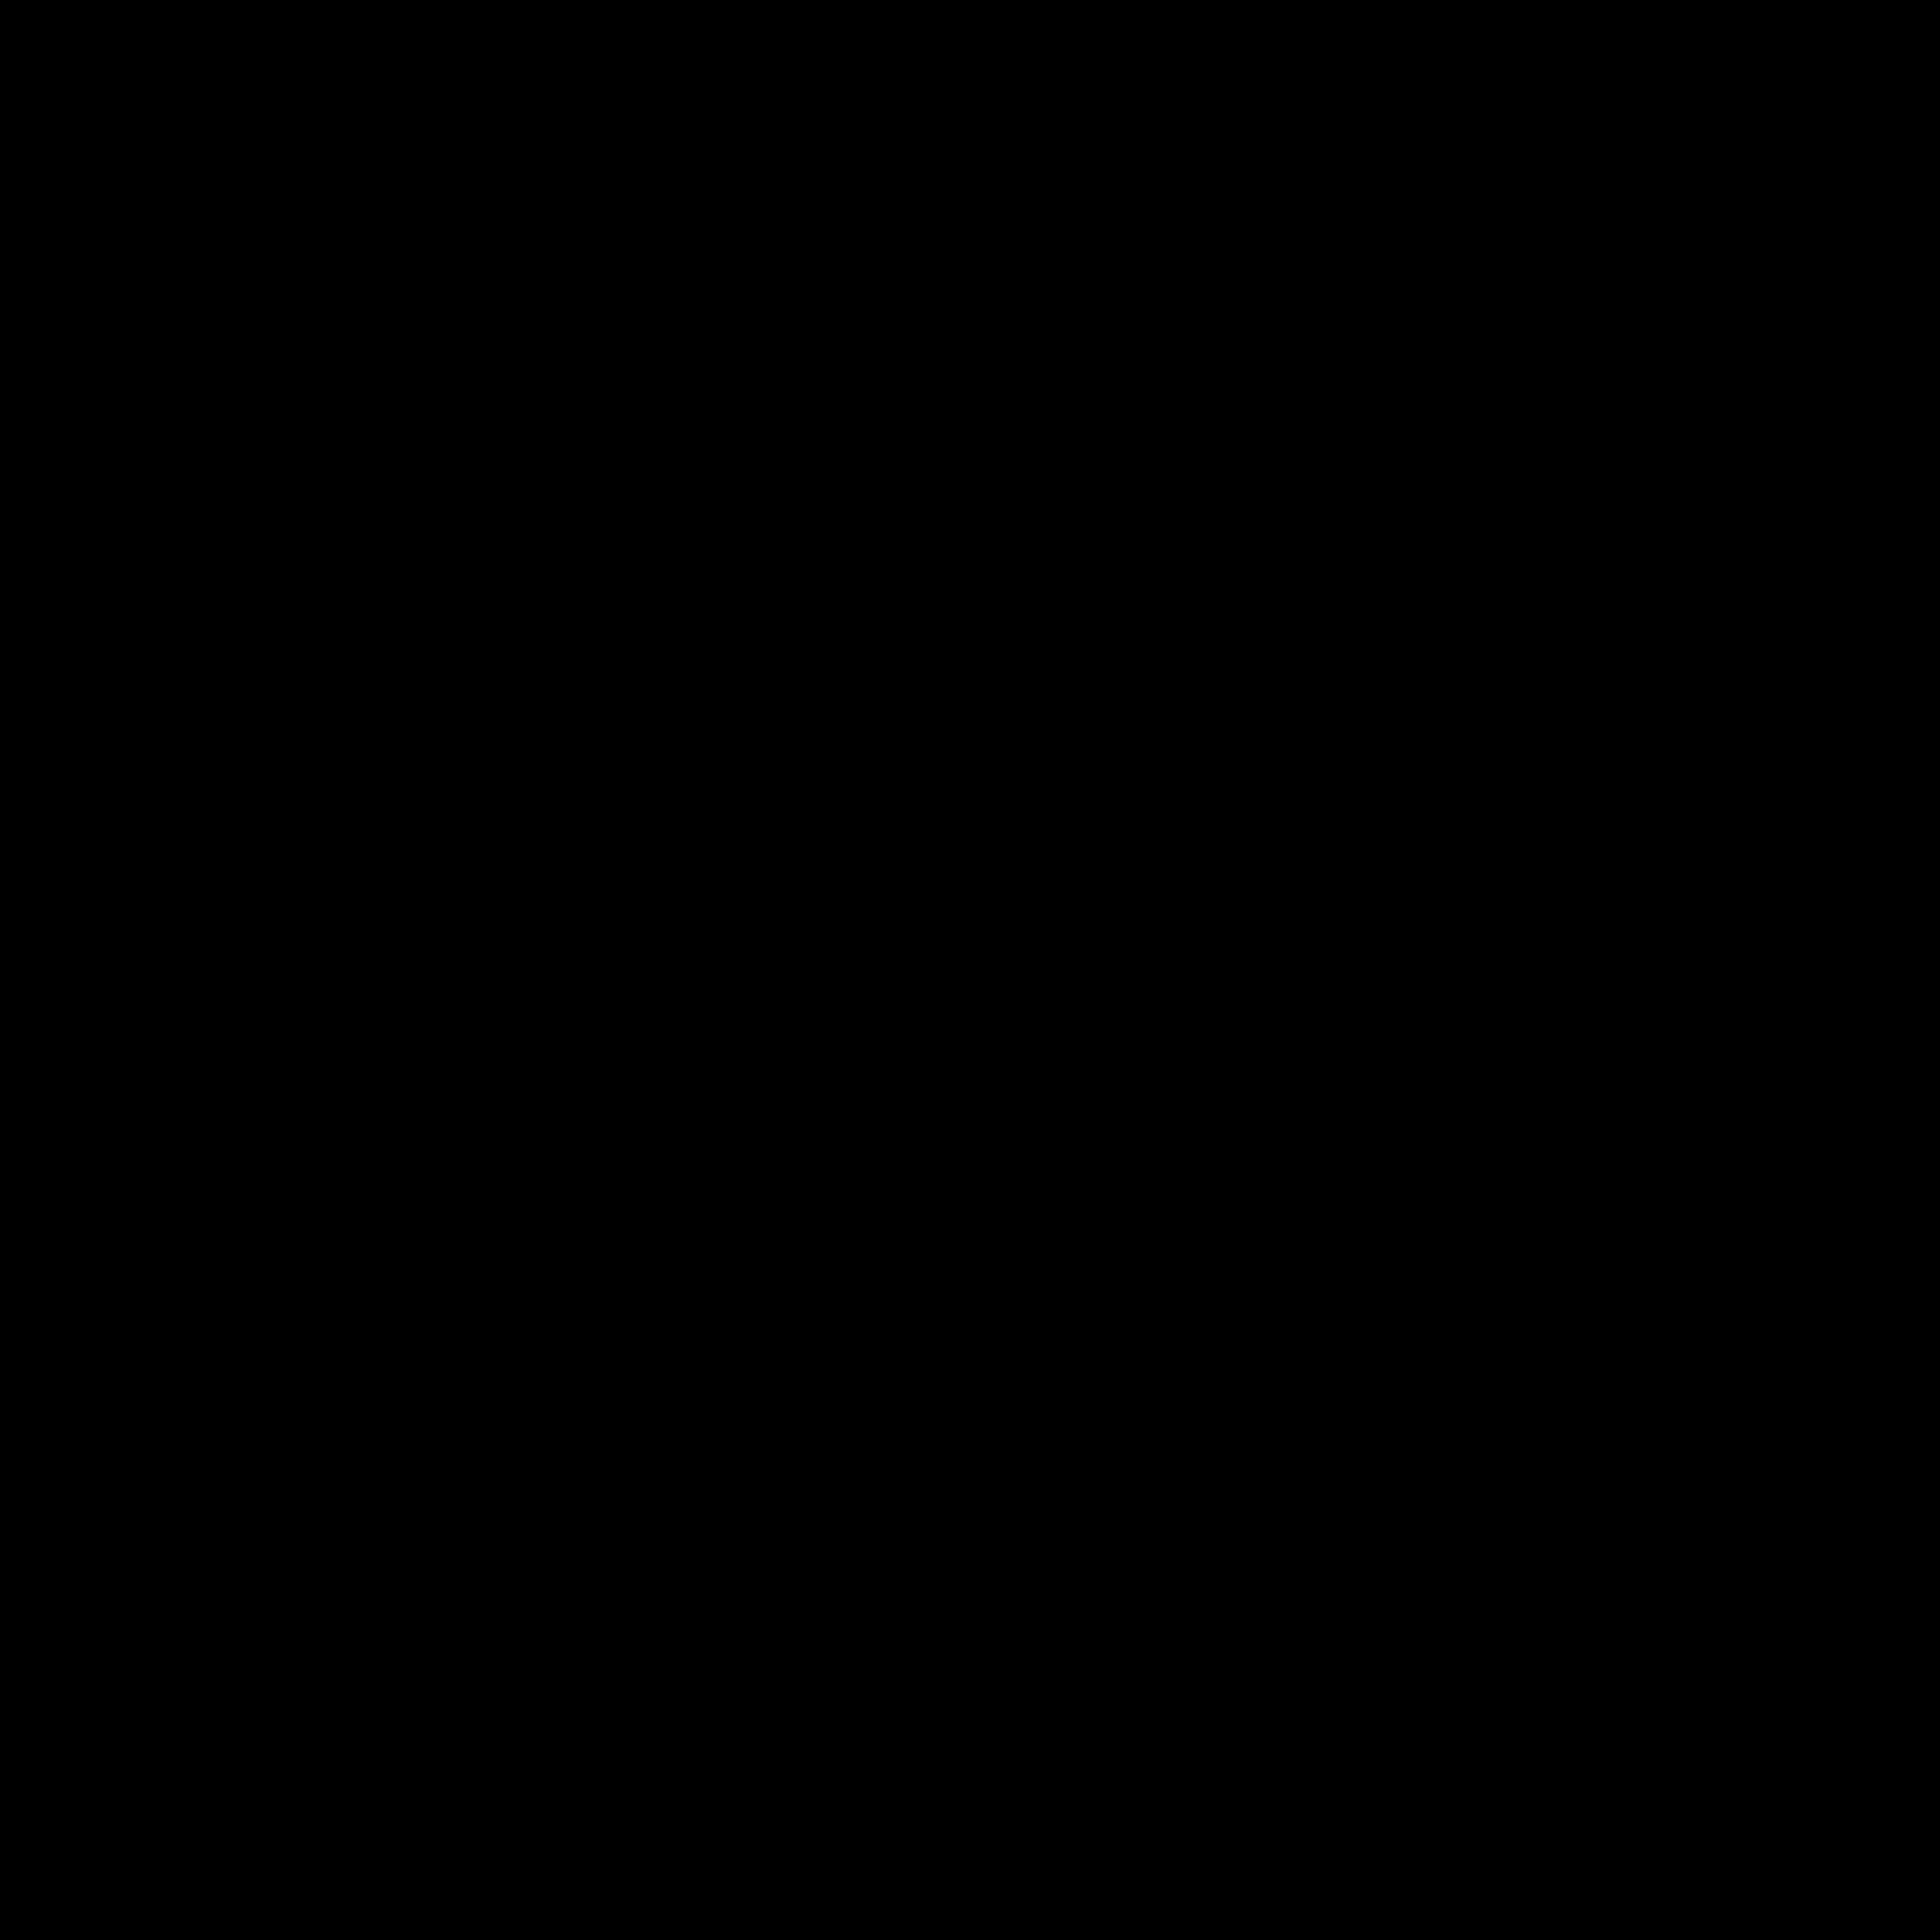 pny logo 0 - PNY Logo